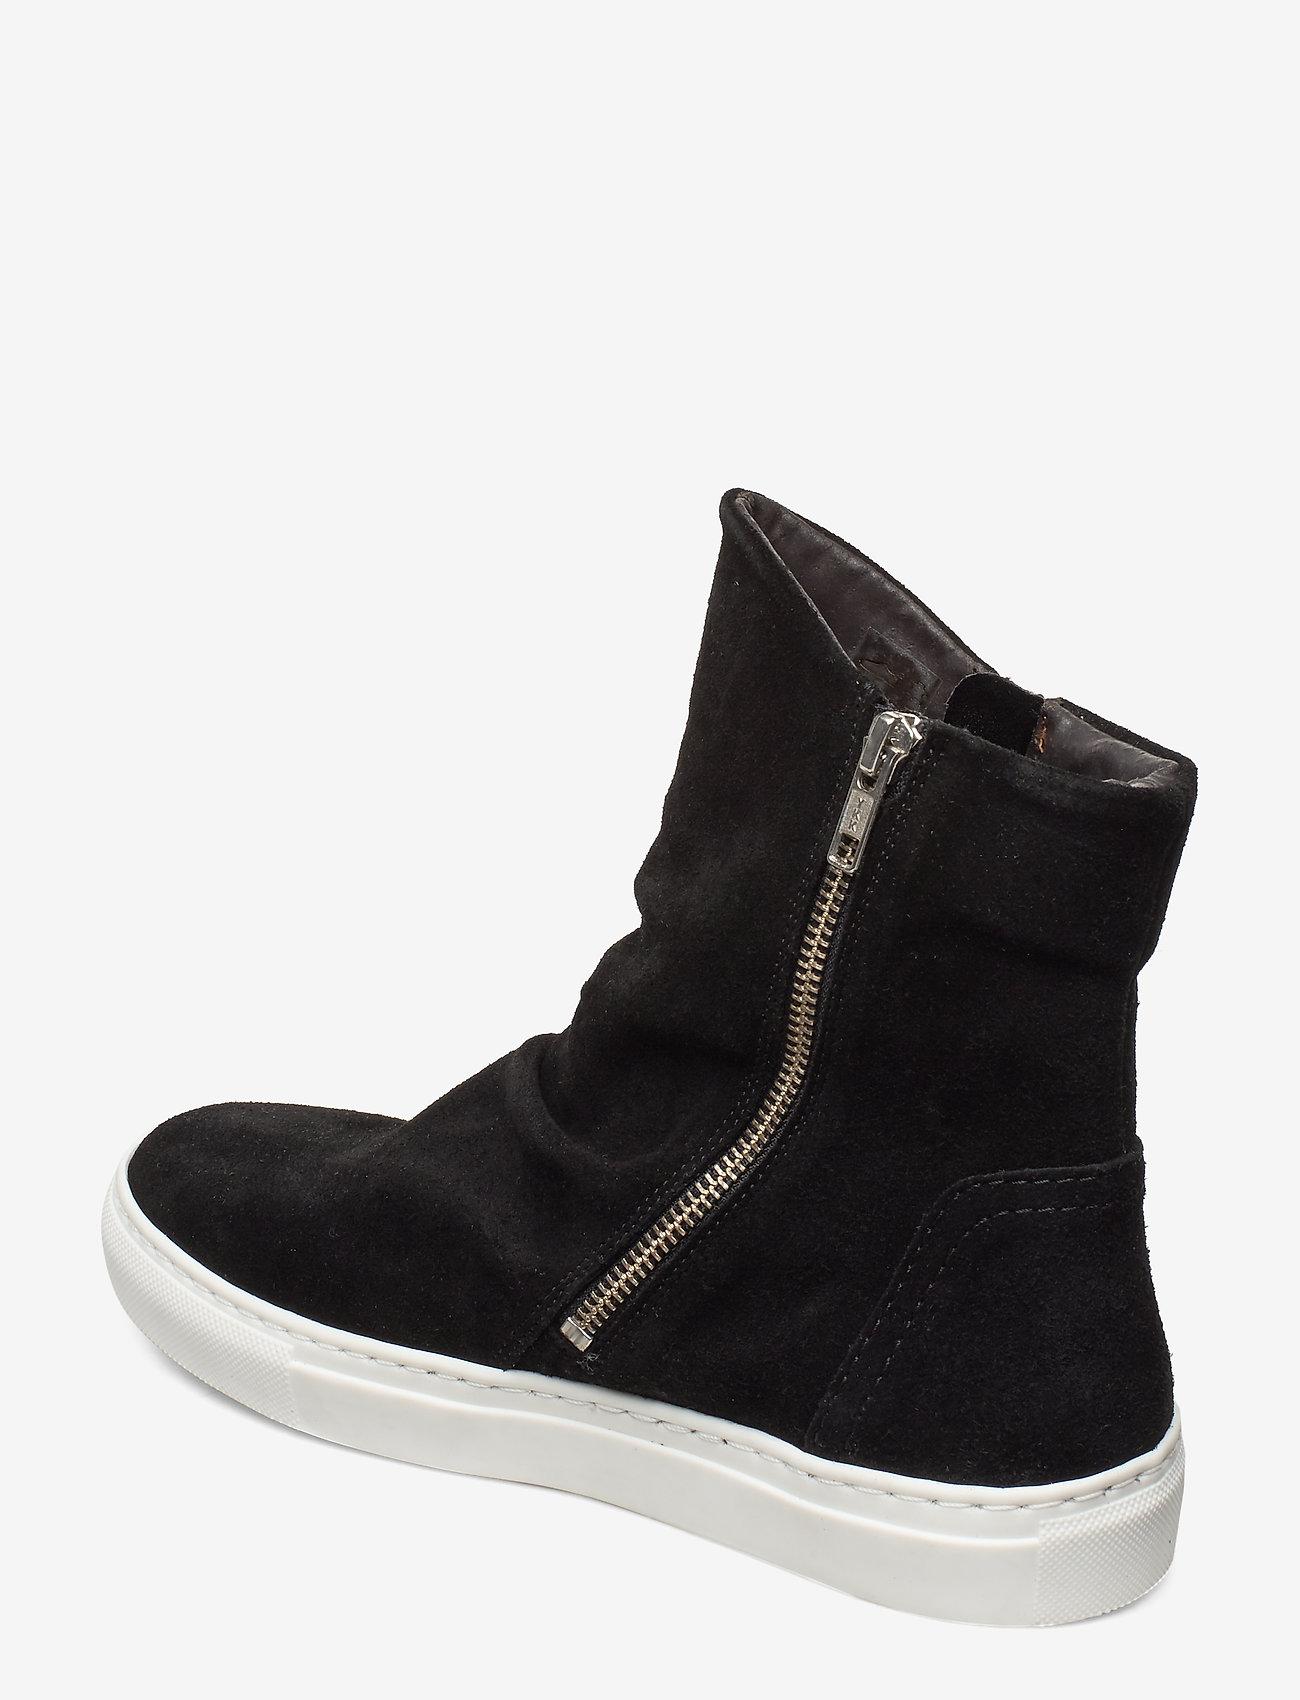 Boots (Black Suede/white Sole 50) - Carla F